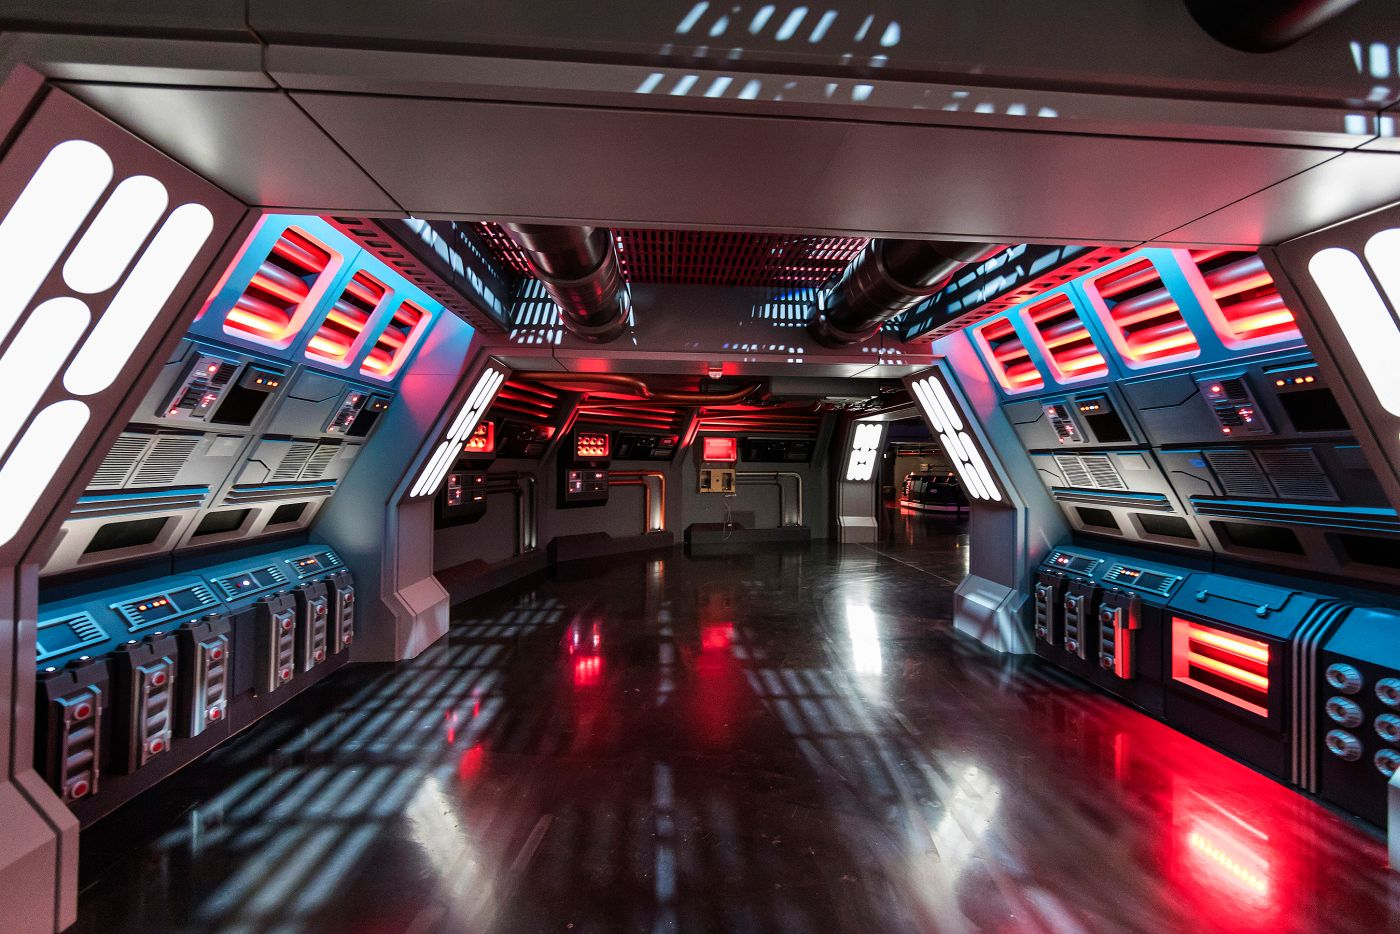 Folyosó a csillagromboló fedélzetén, ahol egy önjáró csapatszállító viszi körbe a látogatókat.